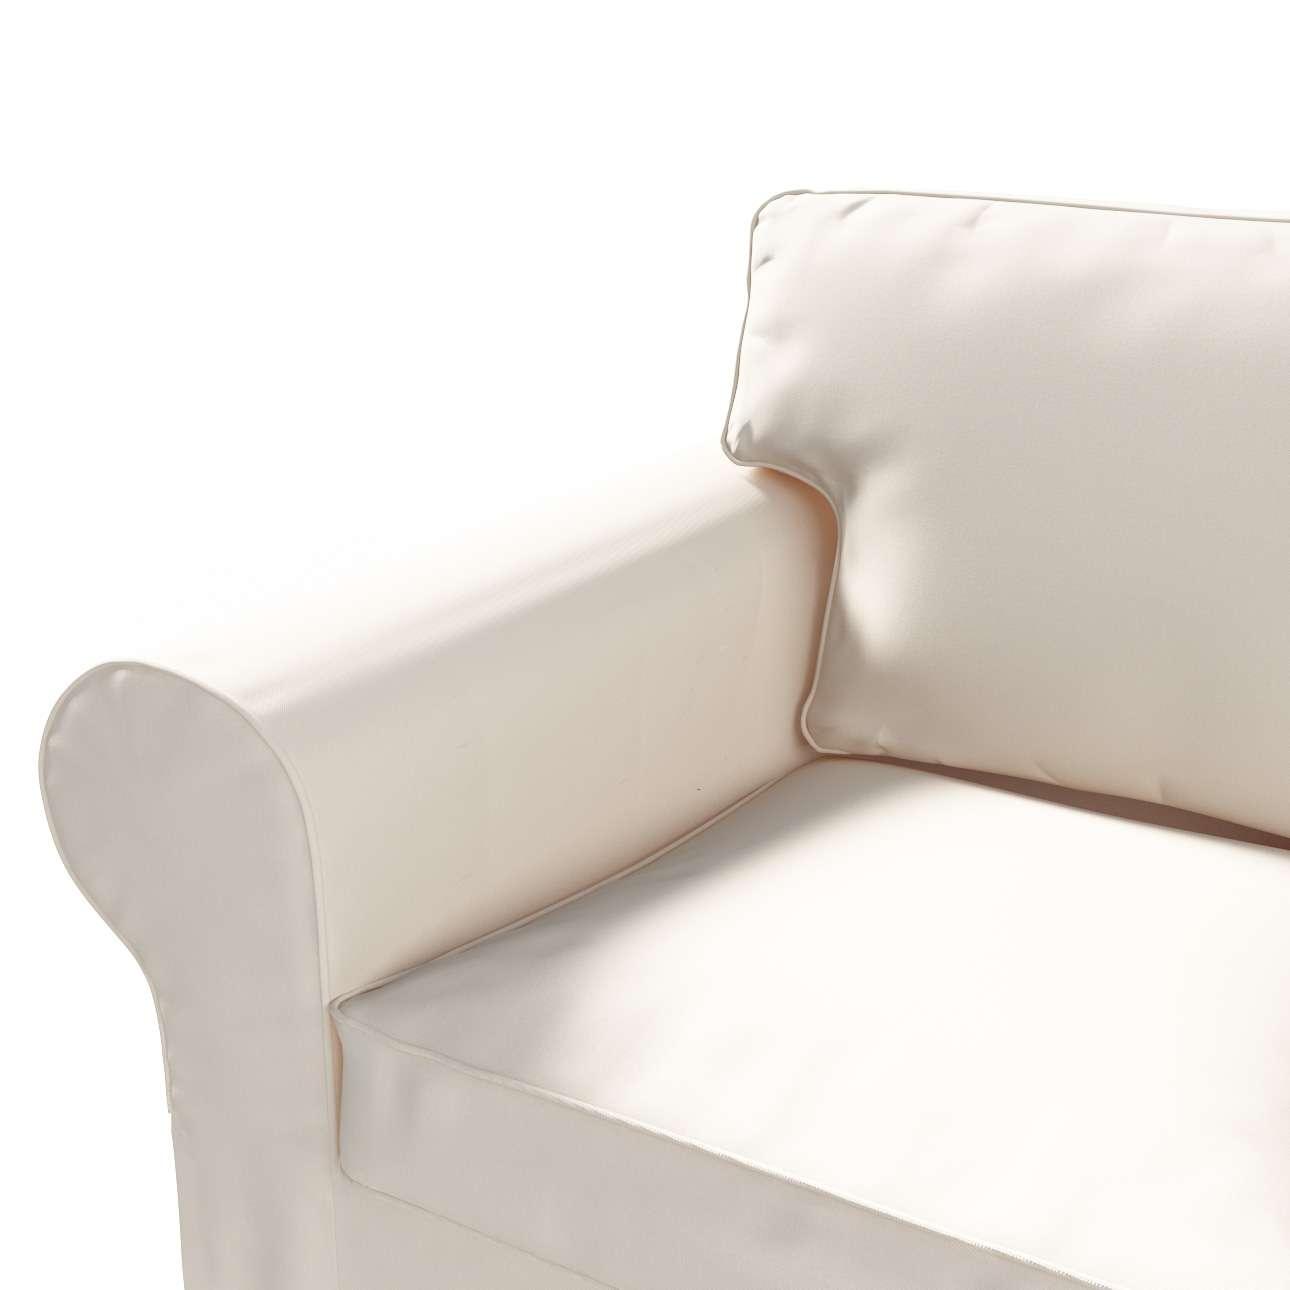 Ektorp 2-Sitzer Schlafsofabezug  NEUES Modell  von der Kollektion Etna, Stoff: 705-01